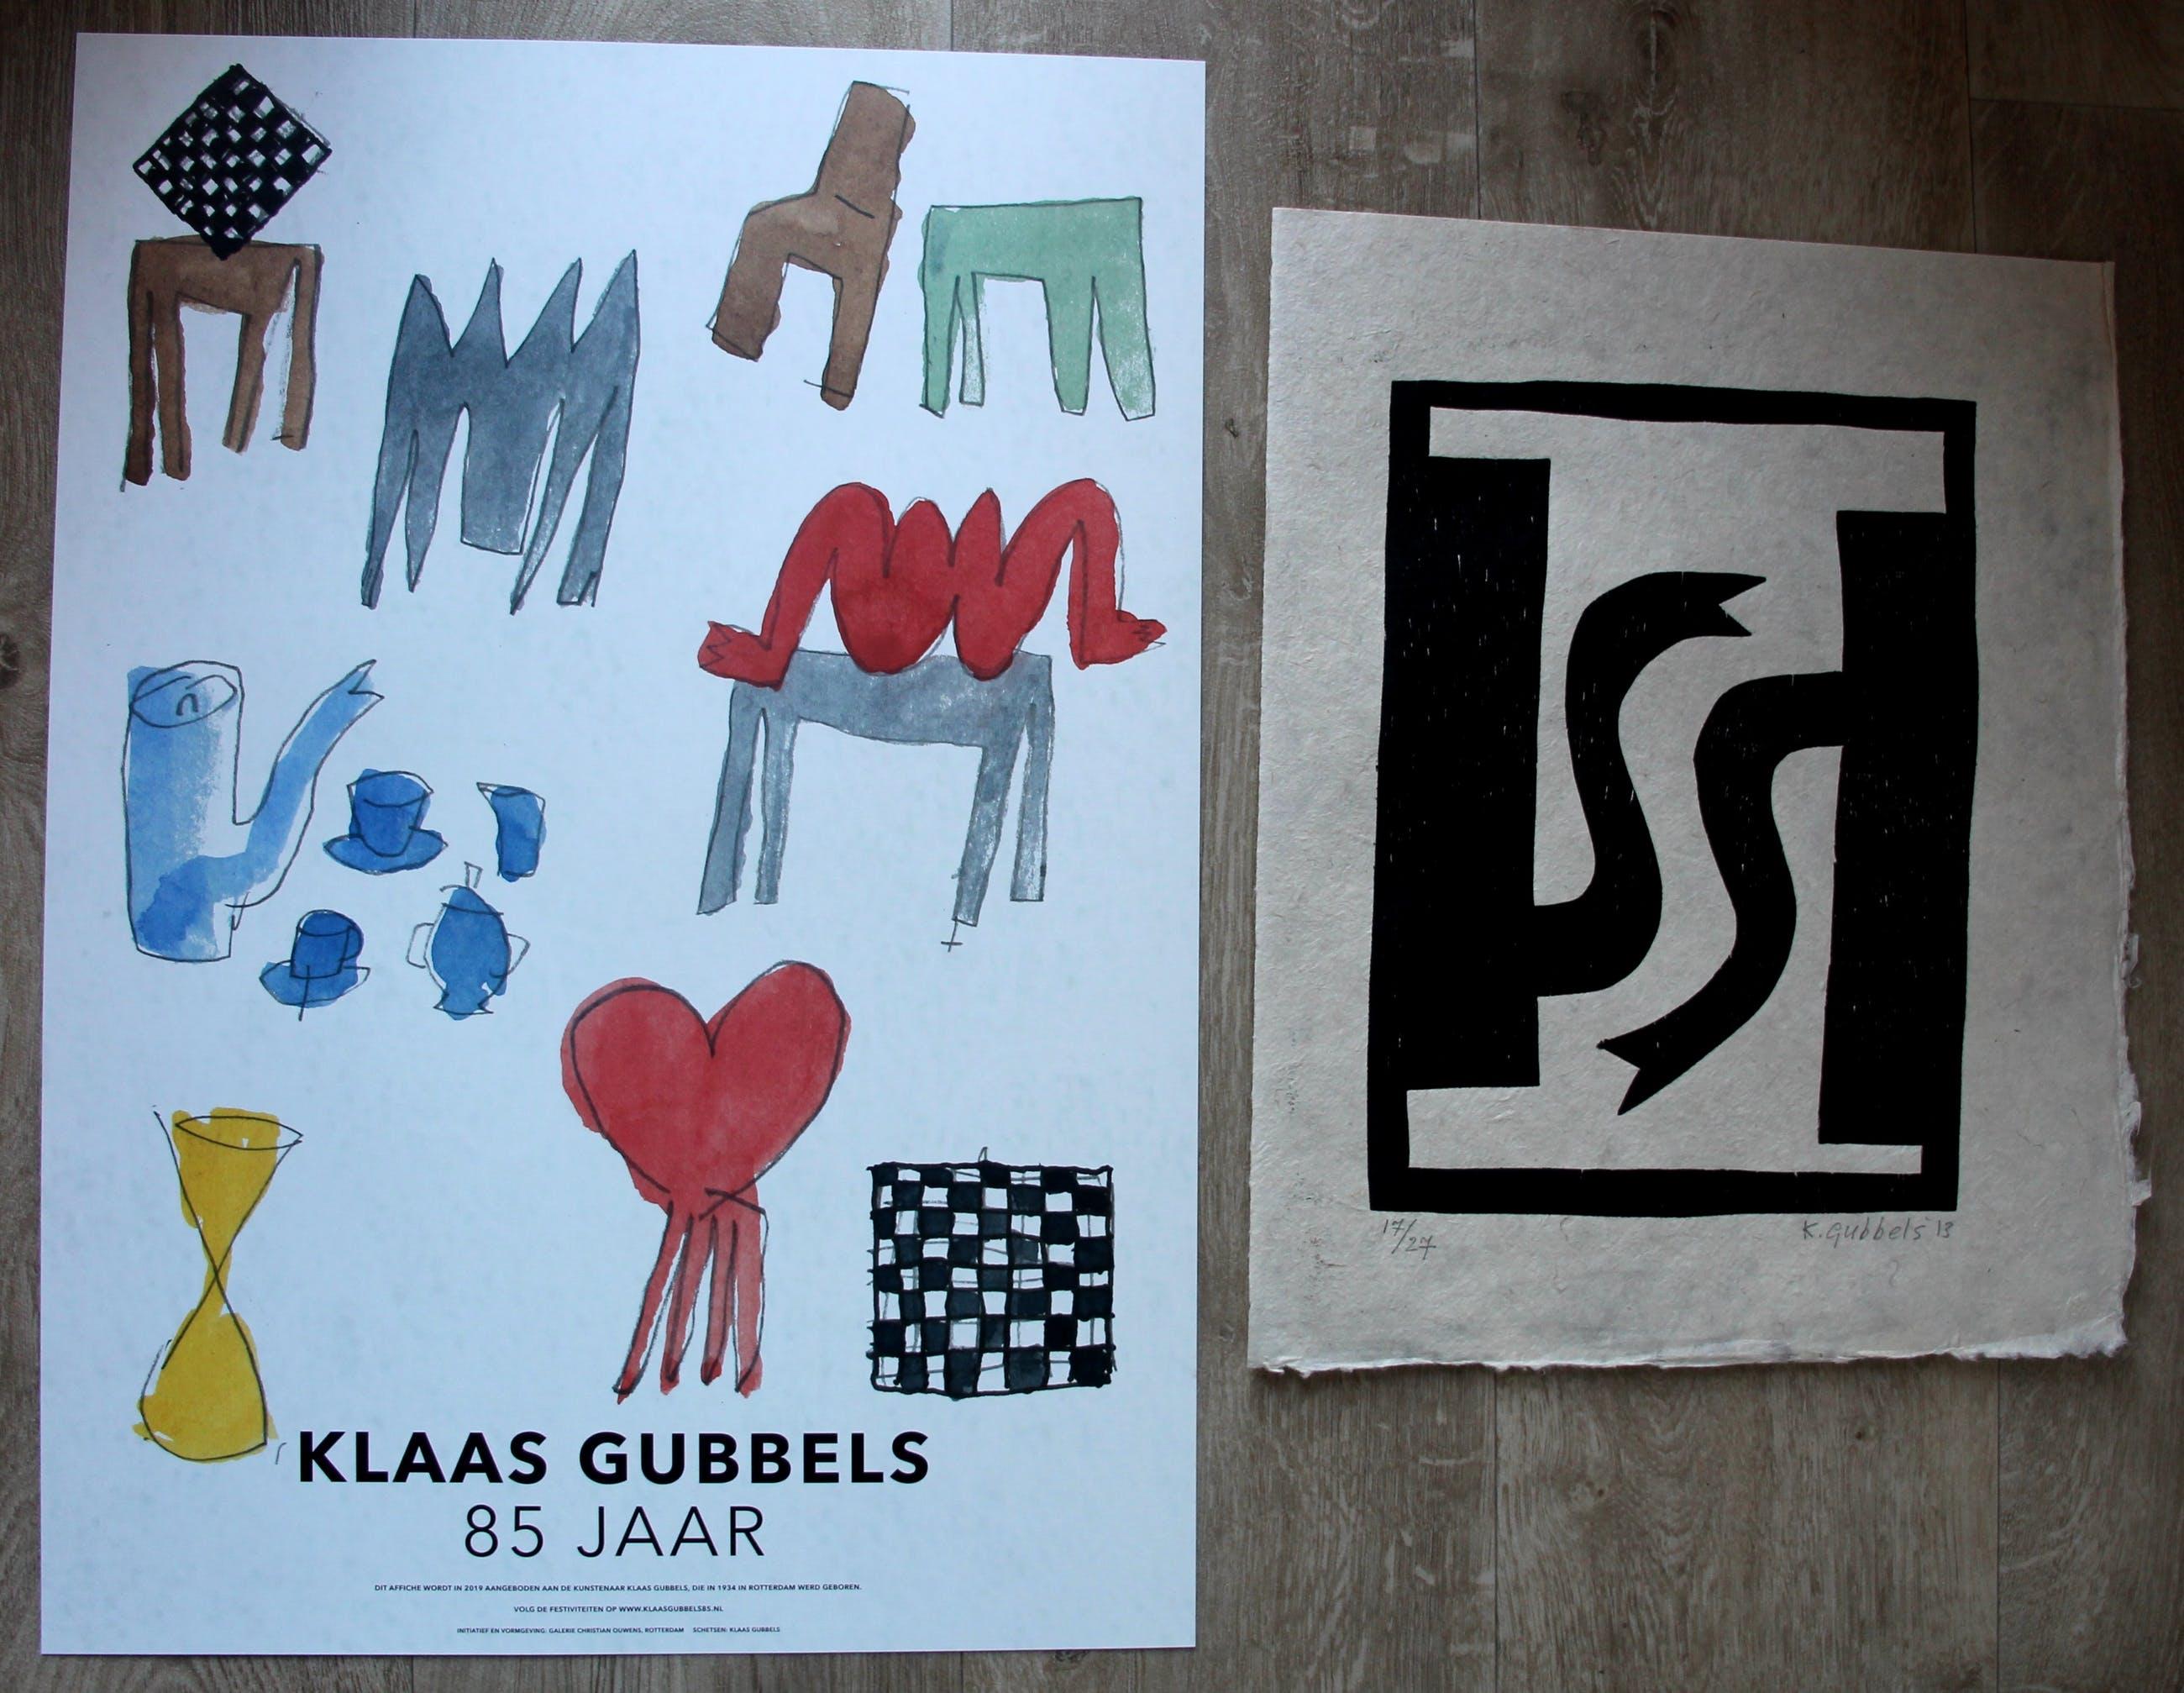 Klaas Gubbels - Houtsnede: Zwarte kannen + gratis affiche Gubbels 85 jaar - 2013 kopen? Bied vanaf 295!